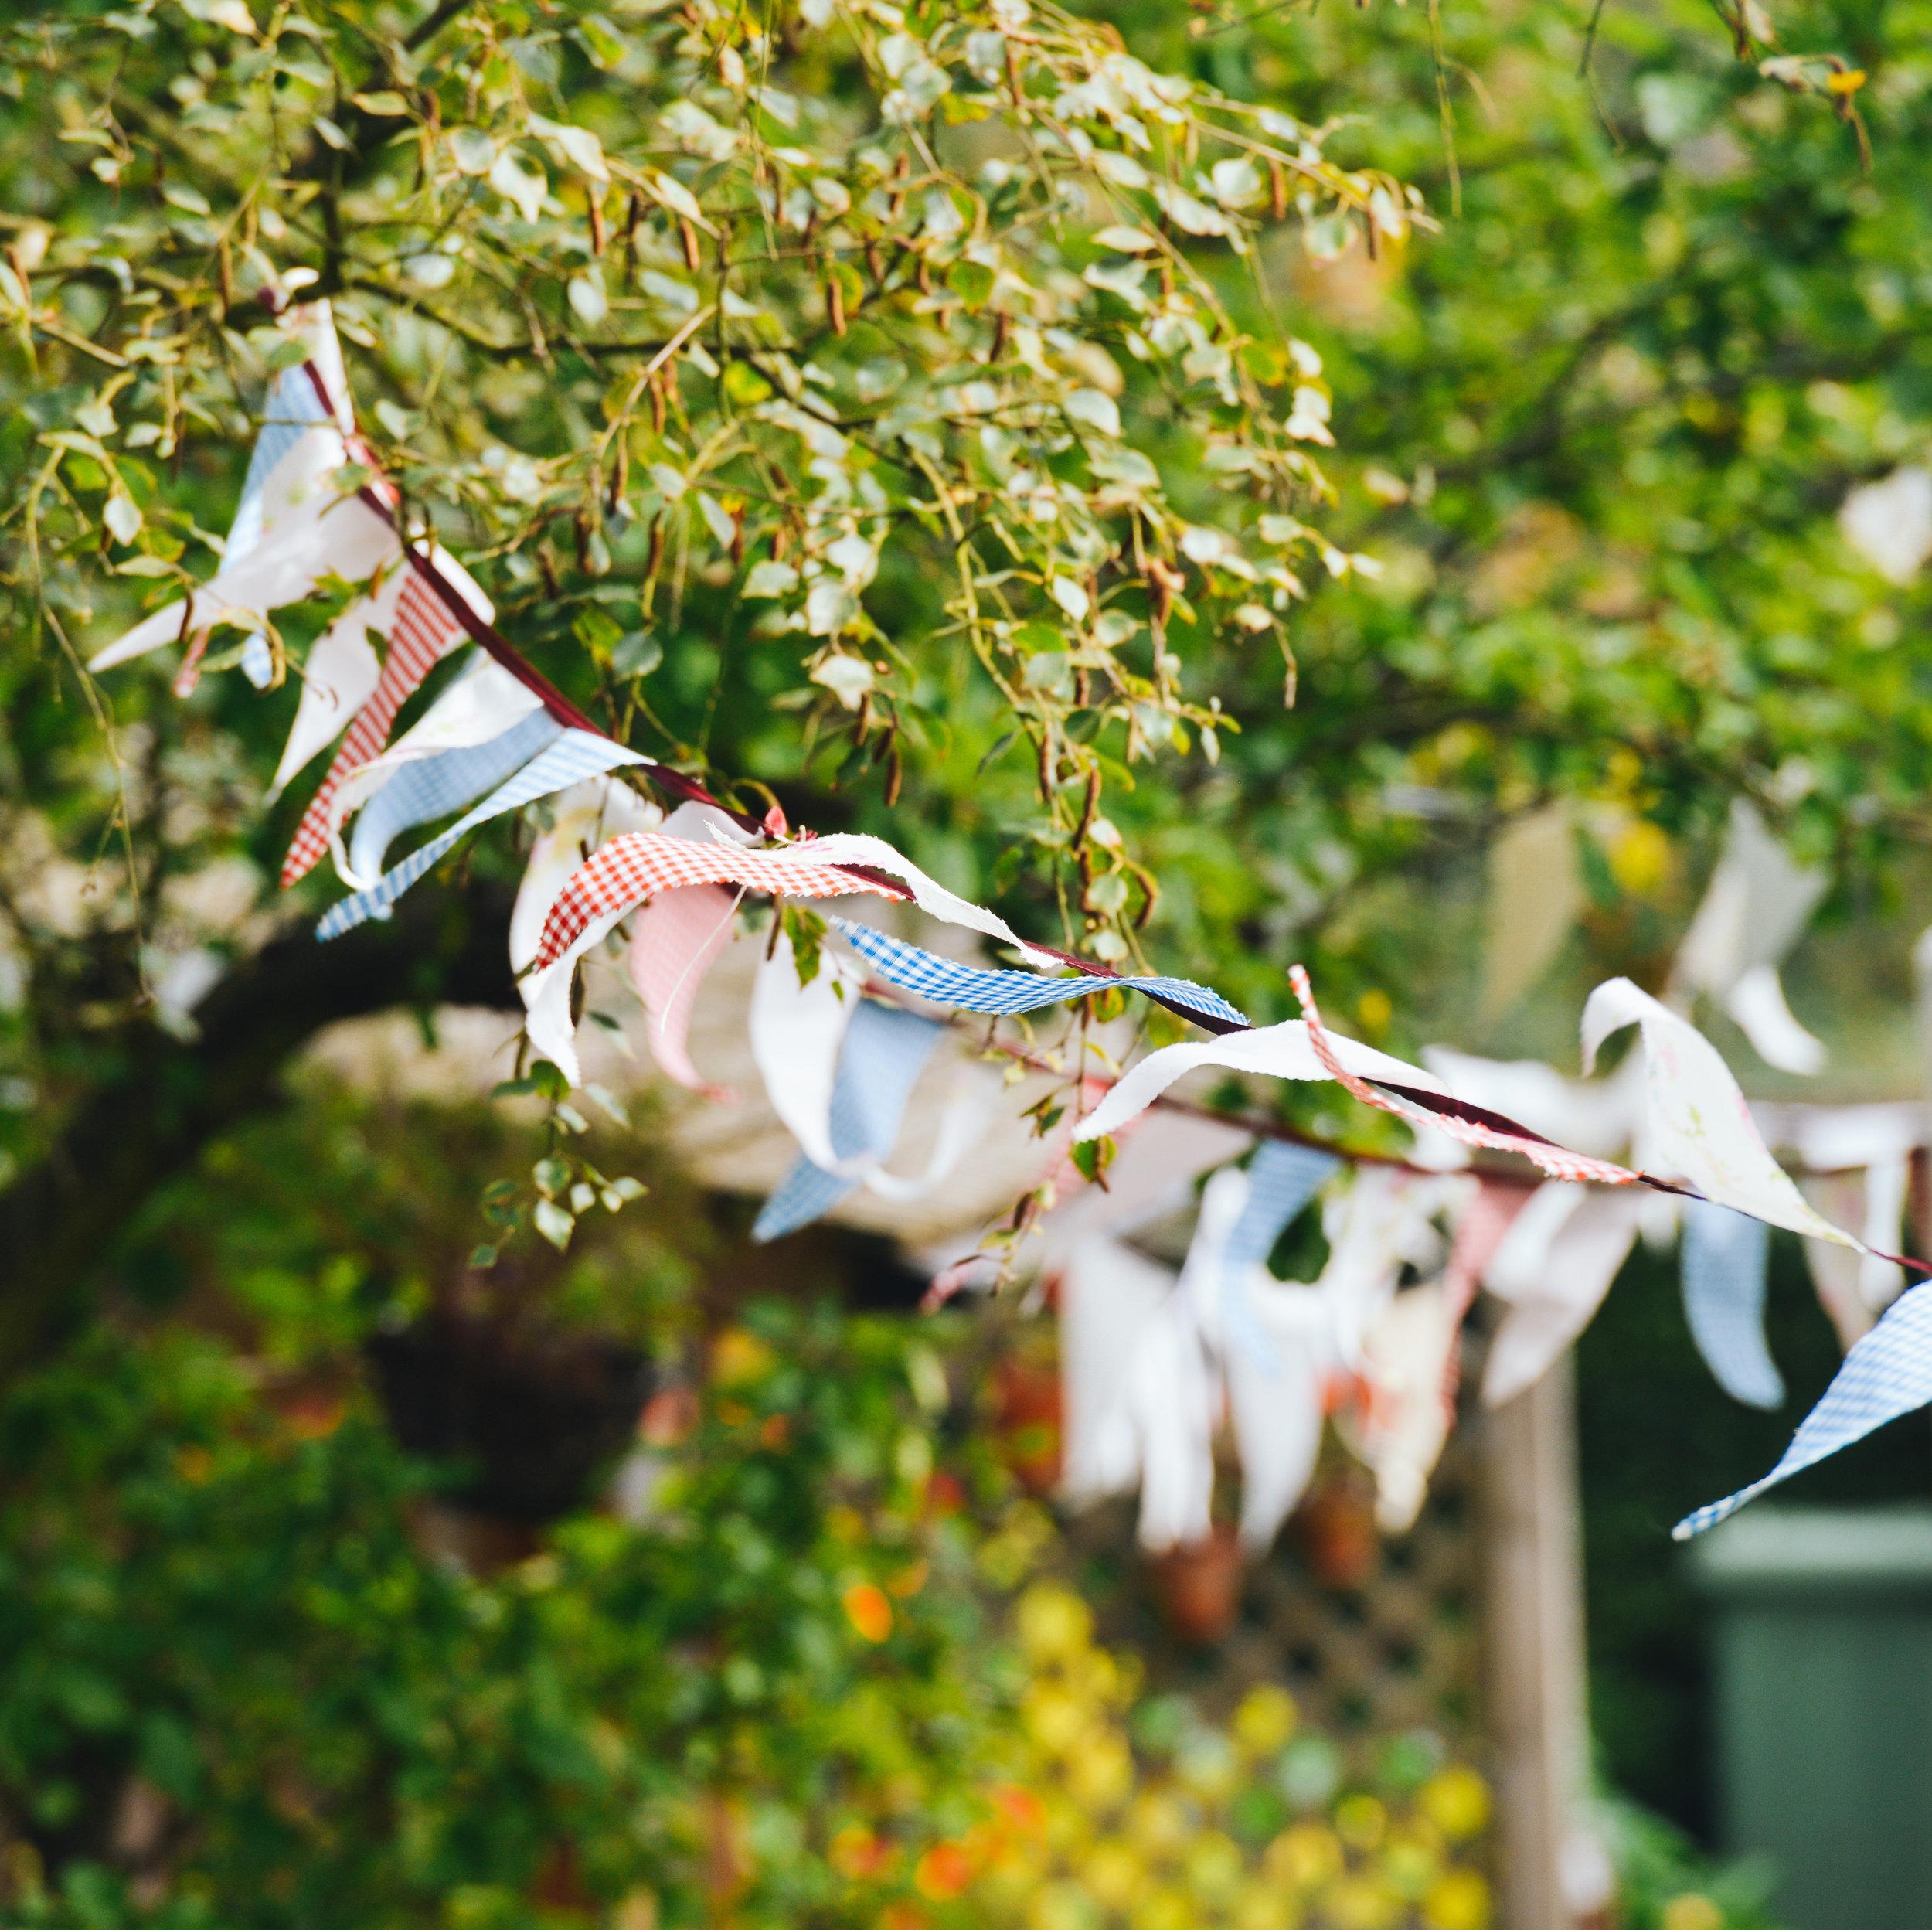 festival-flags-garden-party copy.jpg